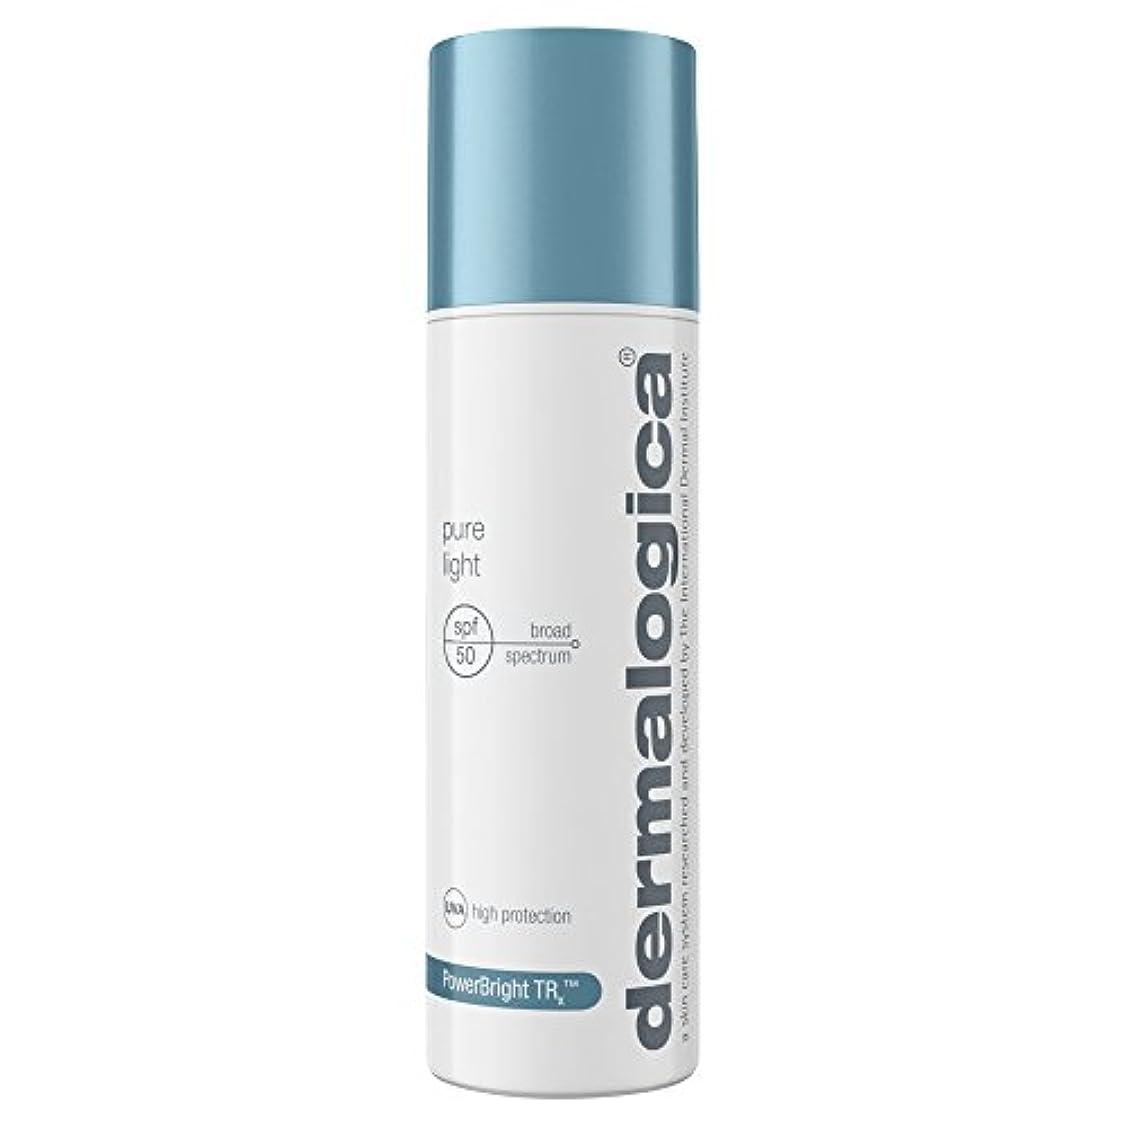 抹消風邪をひくオーストラリア人Dermalogica PowerBright TRx? Pure Light SPF 50 50ml (Pack of 6) - ダーマロジカ ?純粋な光 50 50ミリリットル x6 [並行輸入品]